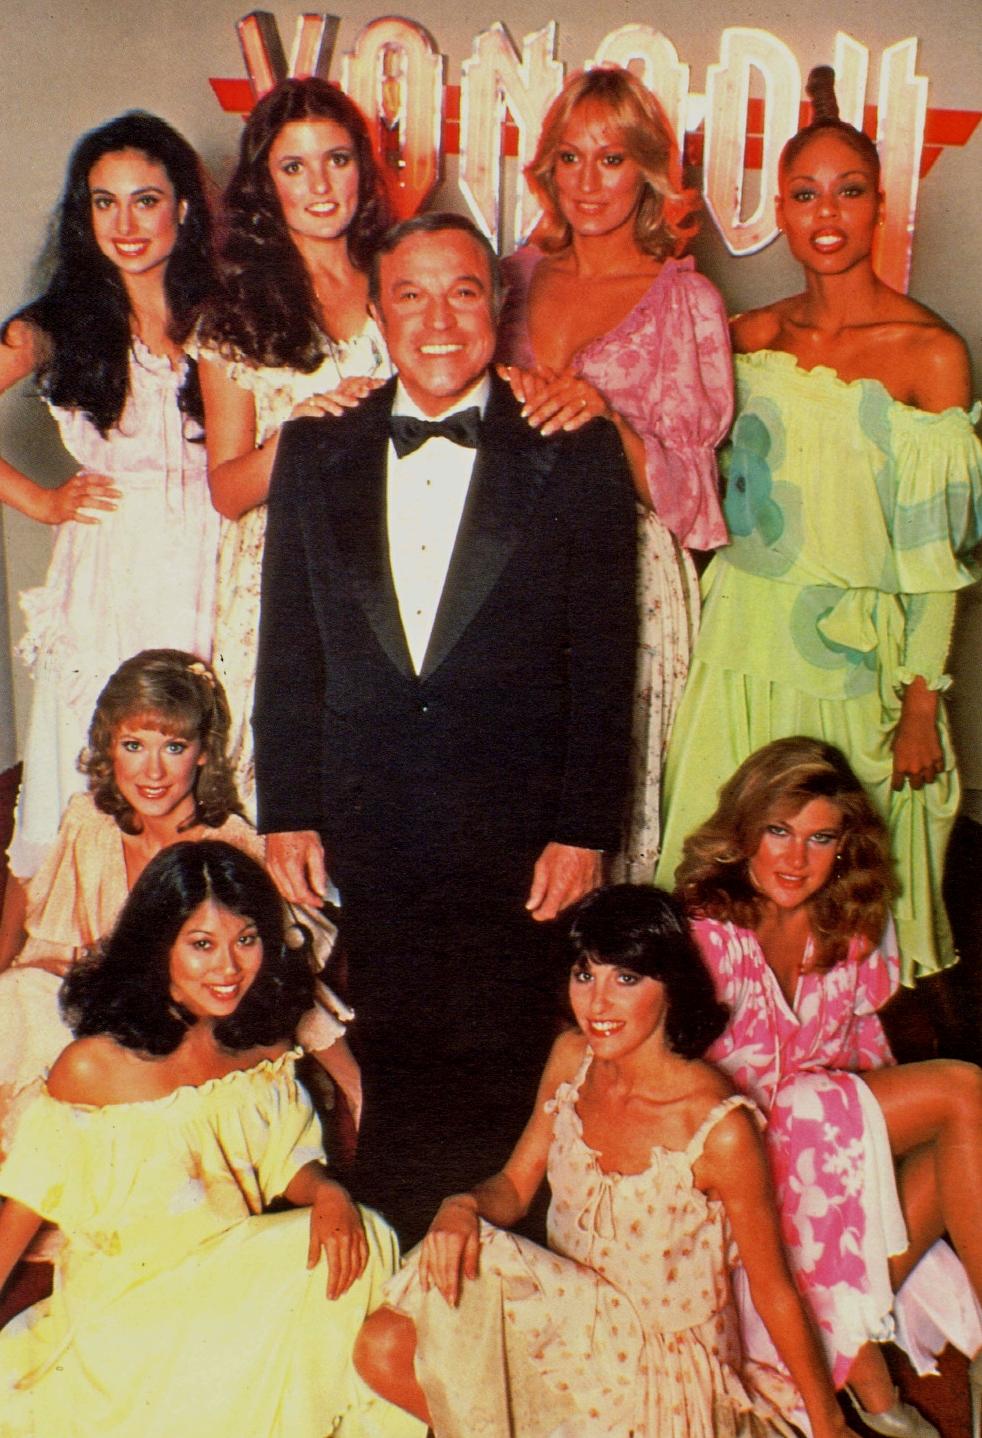 Gene Kelly, Sandahl Bergman, Lynn Latham, Cherise Bates, Teri Beckerman, Juliette Marshall, Melinda Phelps, Marilyn Tokuda, and Yvette Van Voorhees in Xanadu (1980)